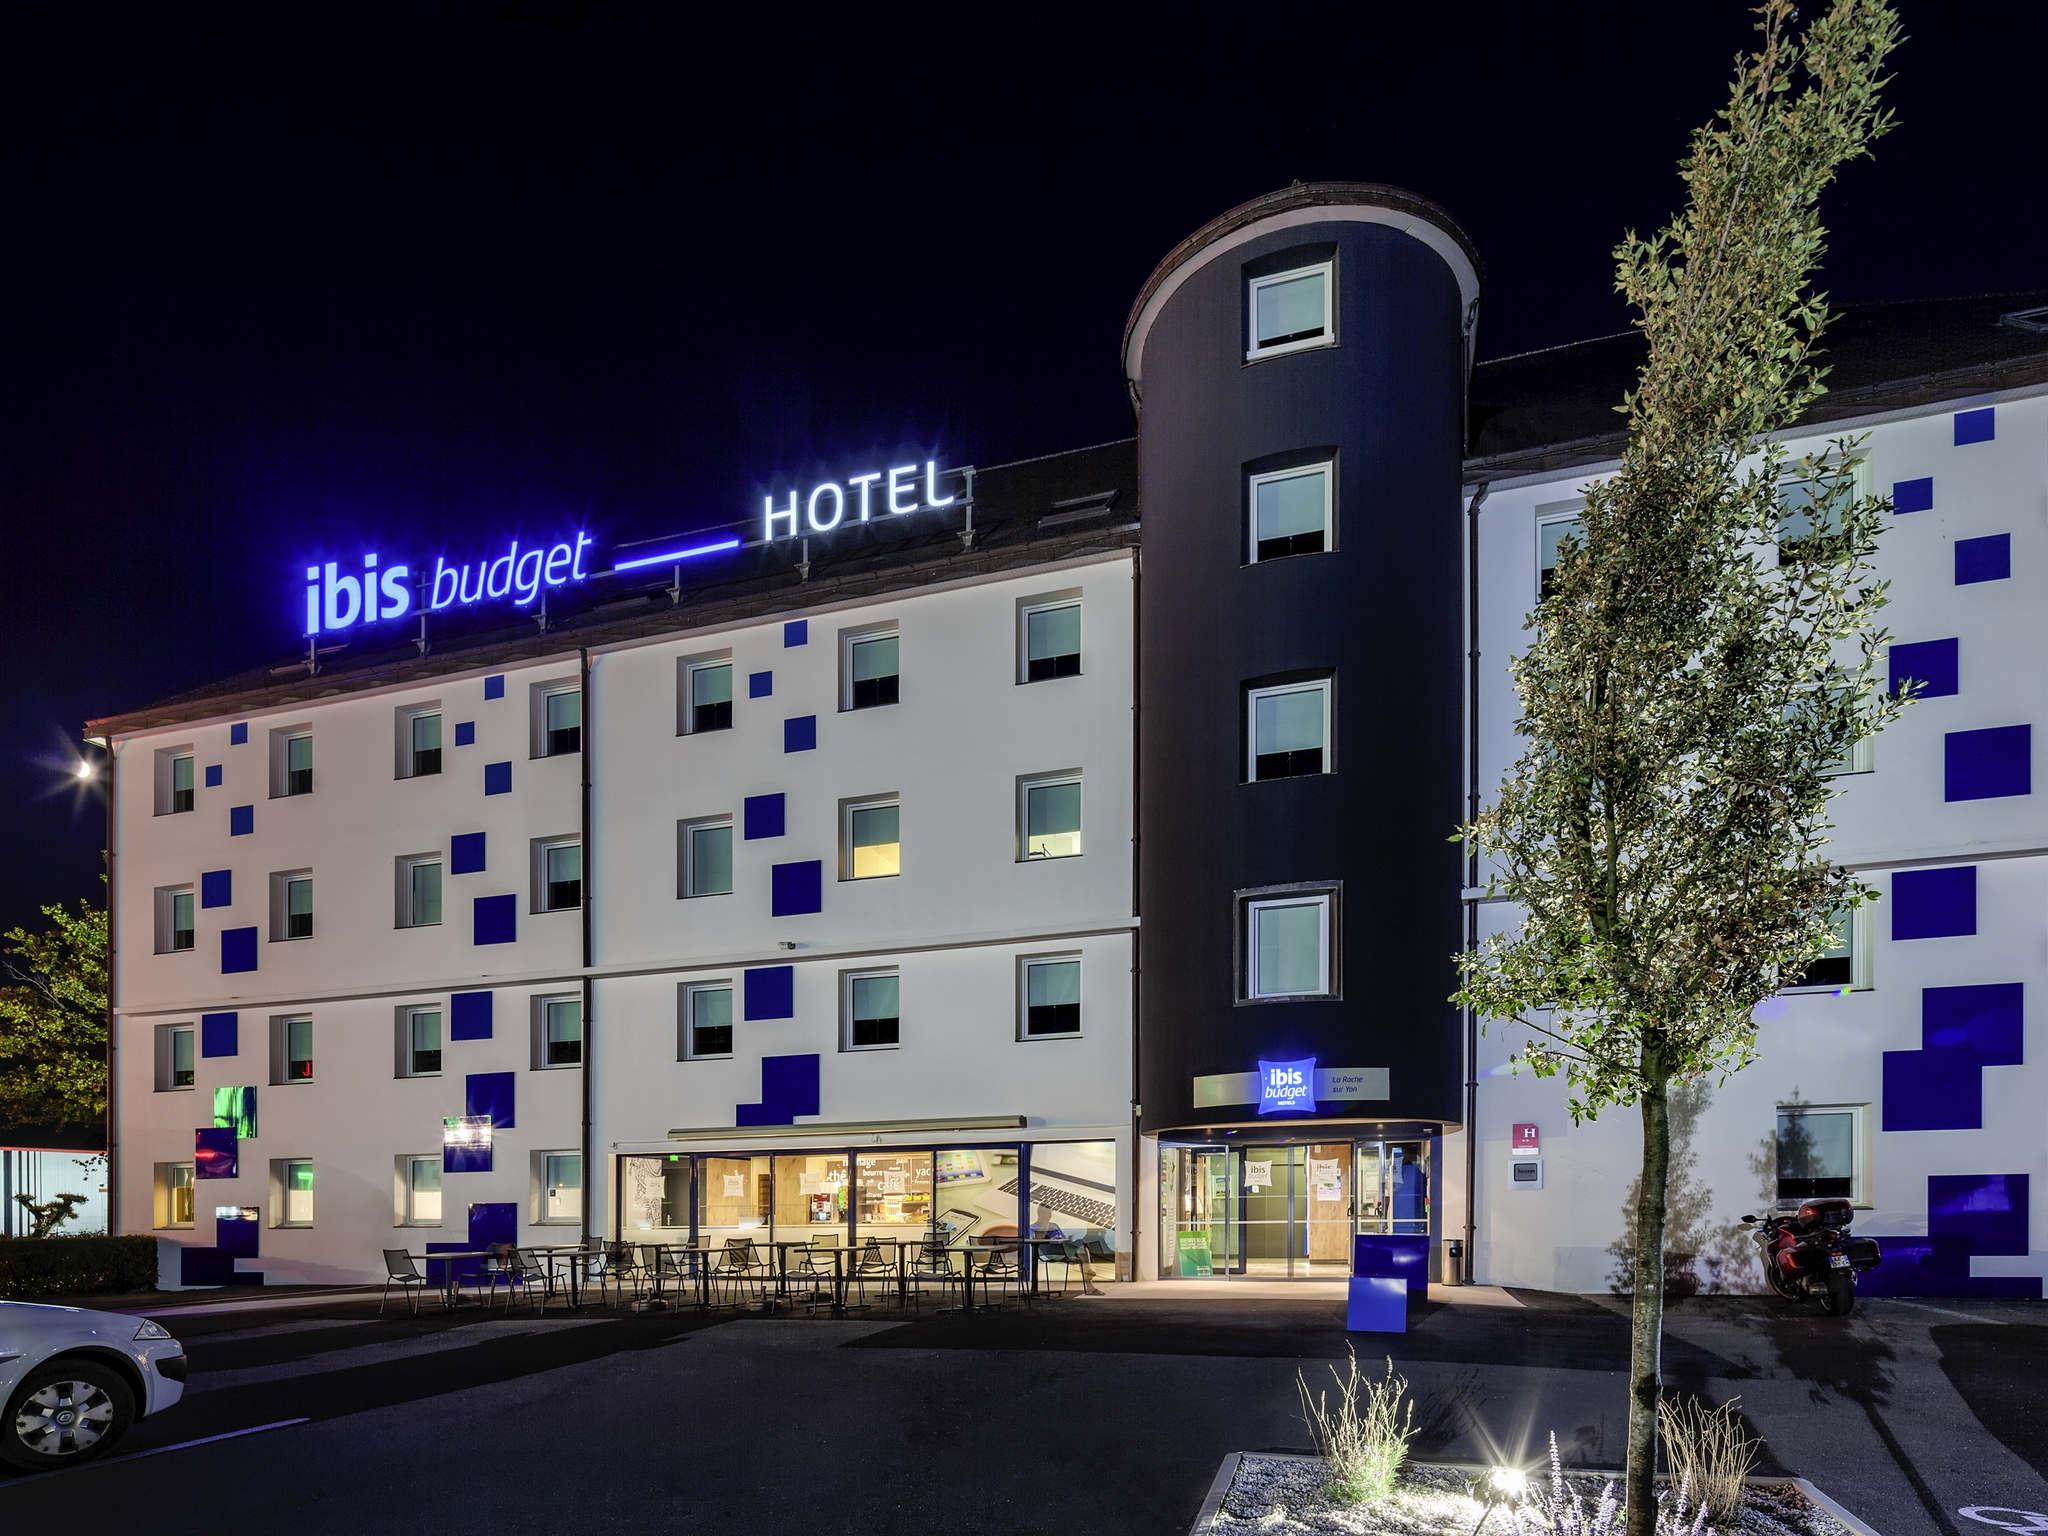 Ibis Hotel La Roche Sur Yon